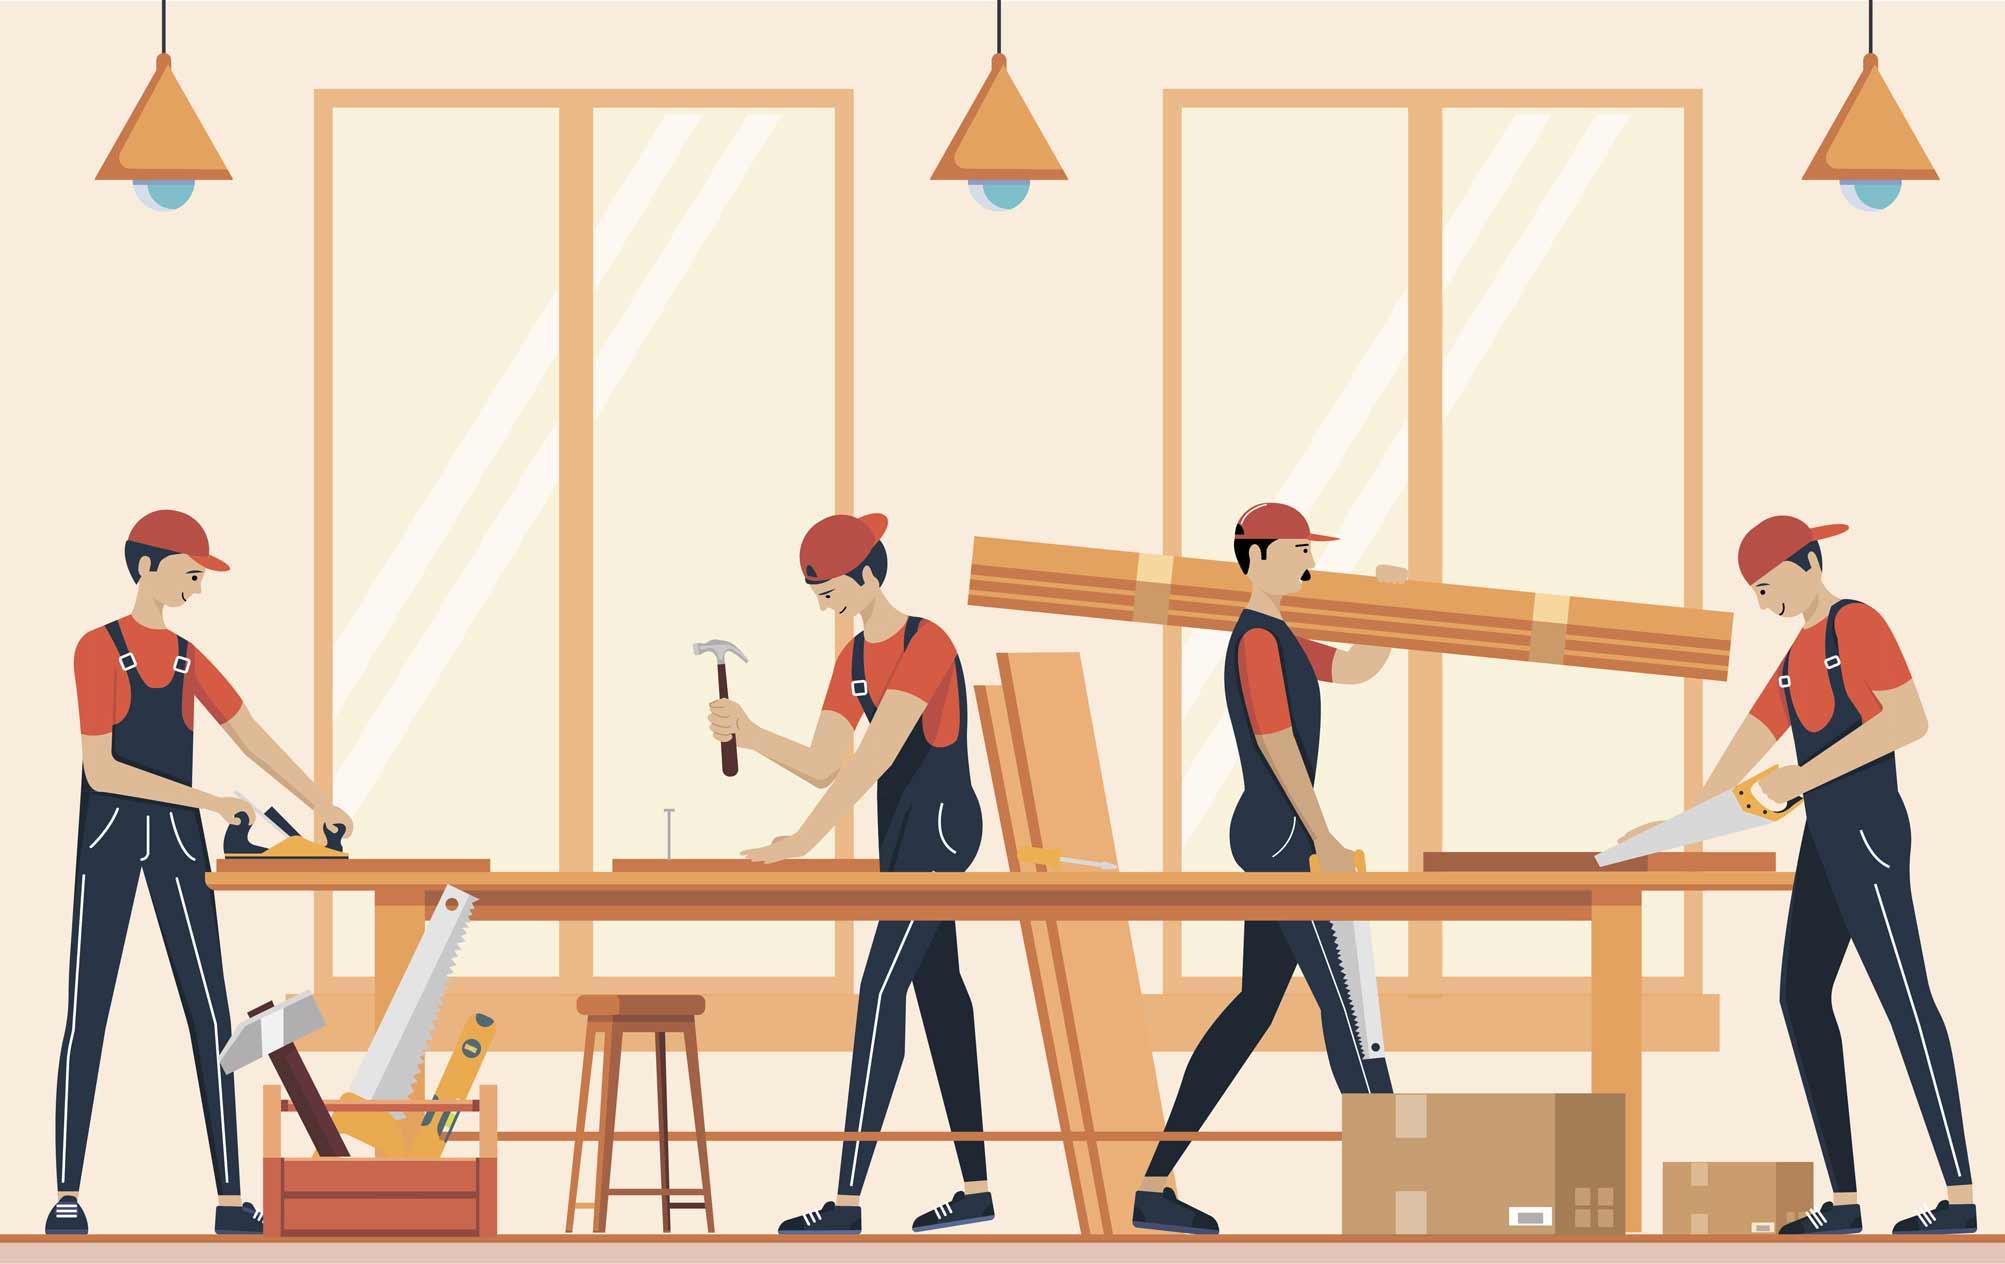 Hình minh họa gia công sàn gỗ